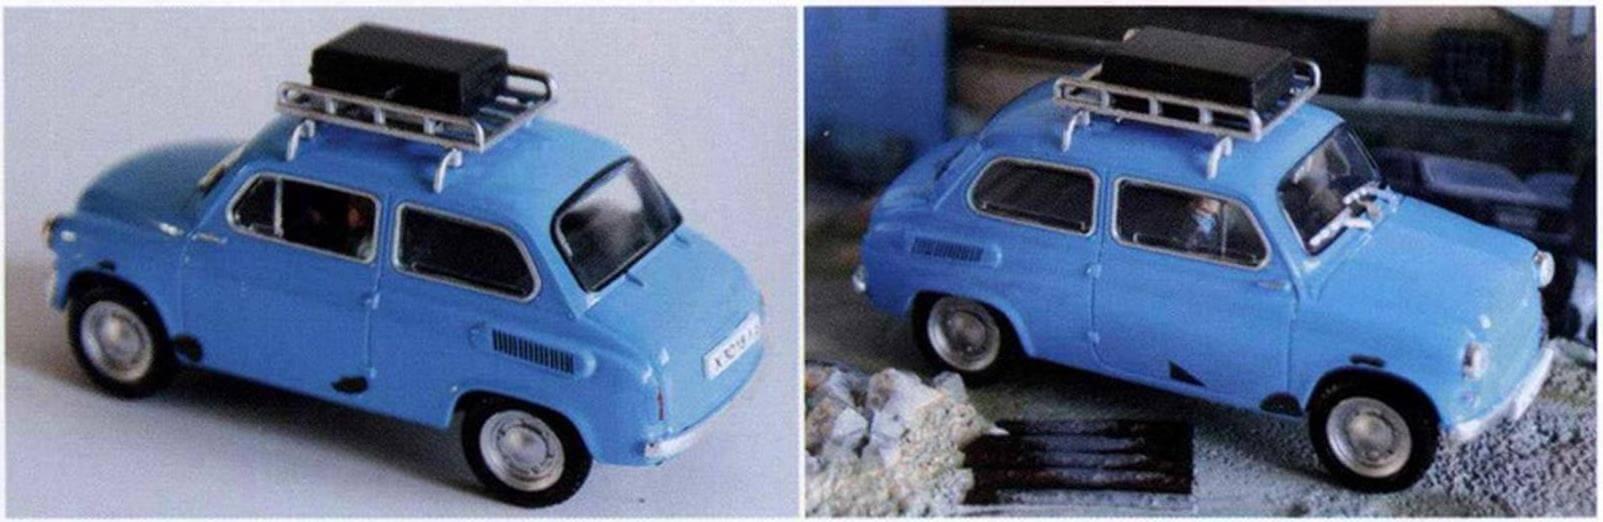 Модель позднего ЗАЗ-965А из журнальной серии, посвященной фильмам про Джеймса Бонда